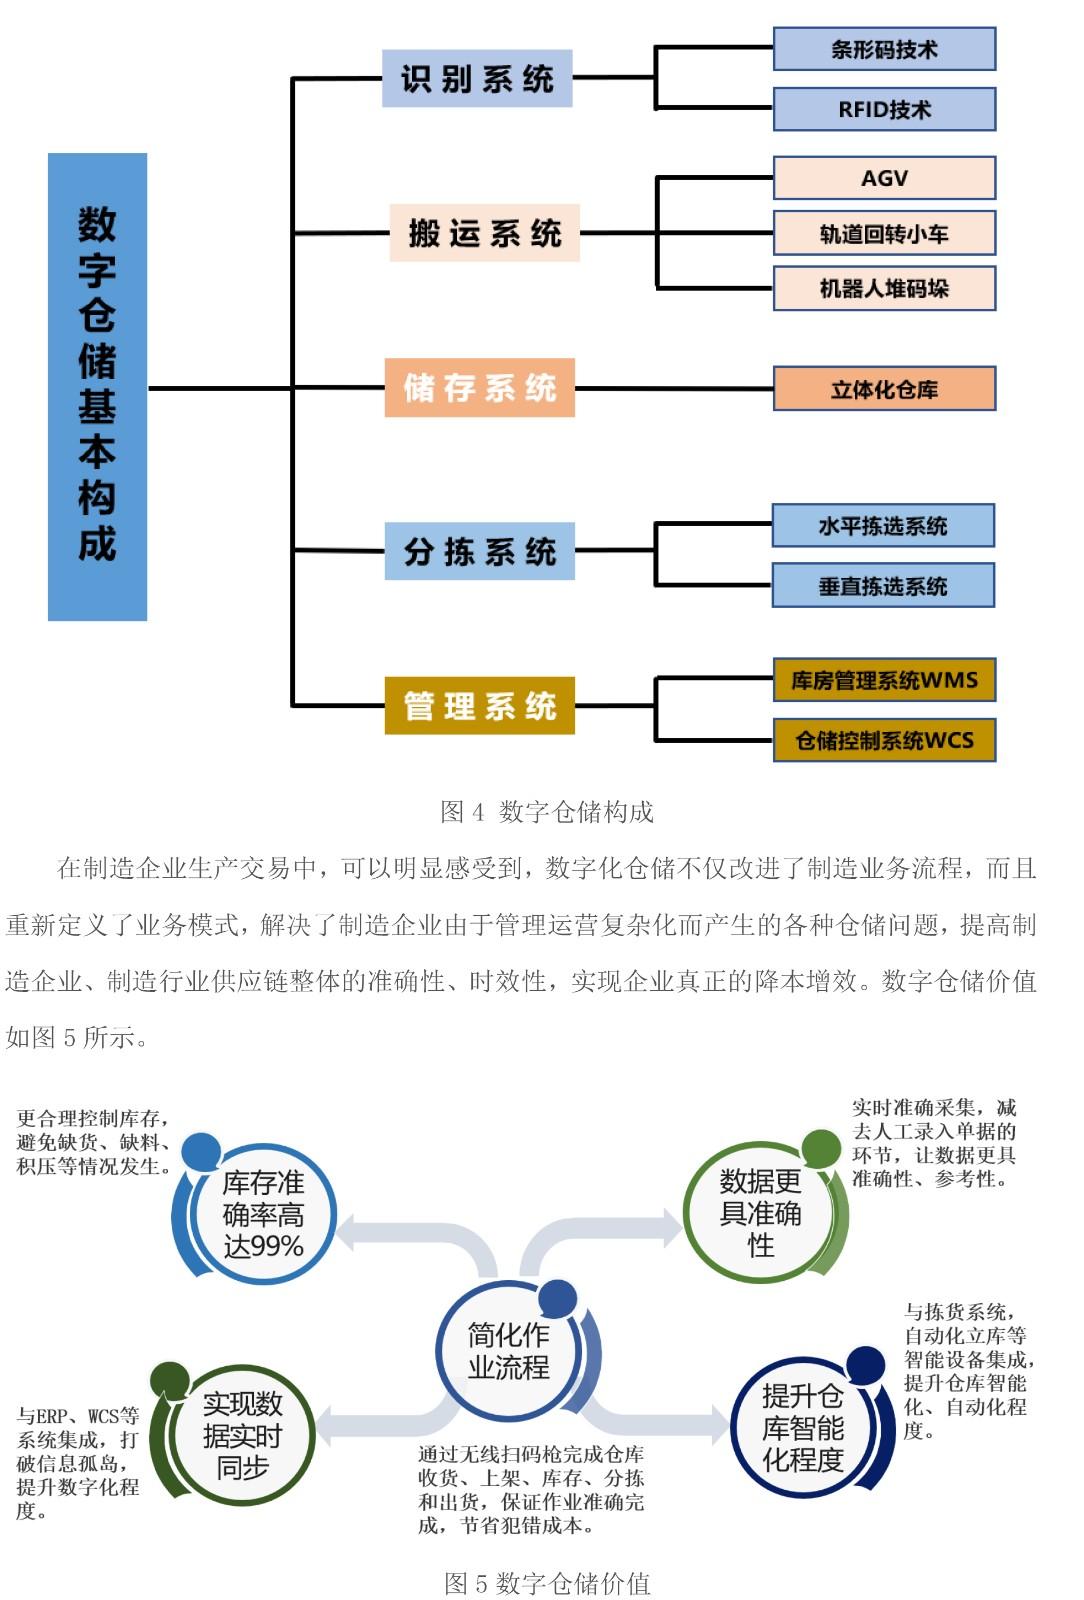 面向智能制造的数字仓储系统解决方案-白皮书V2-6 拷贝.jpg